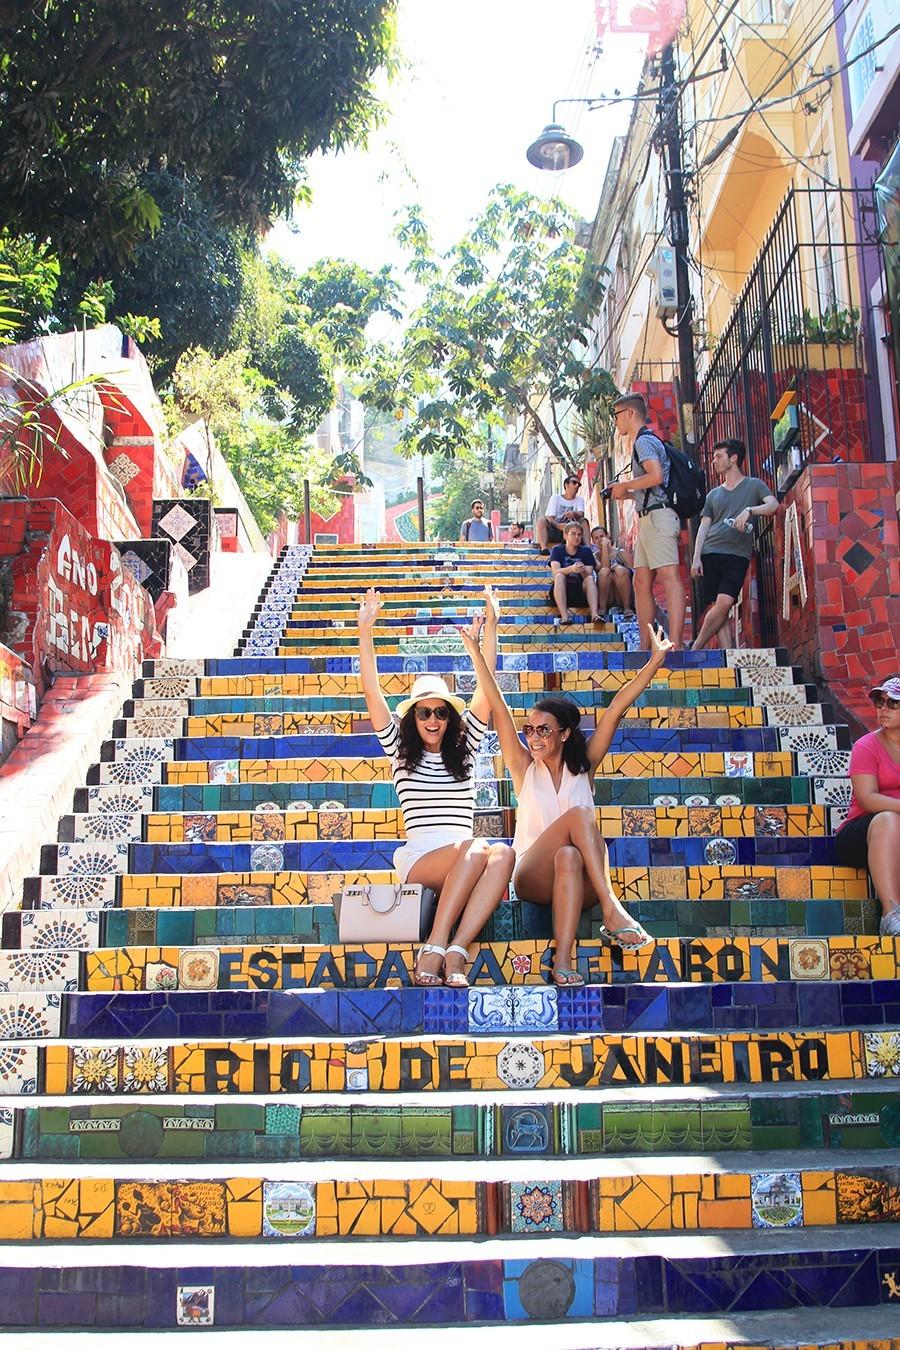 escadaria-selaron-23